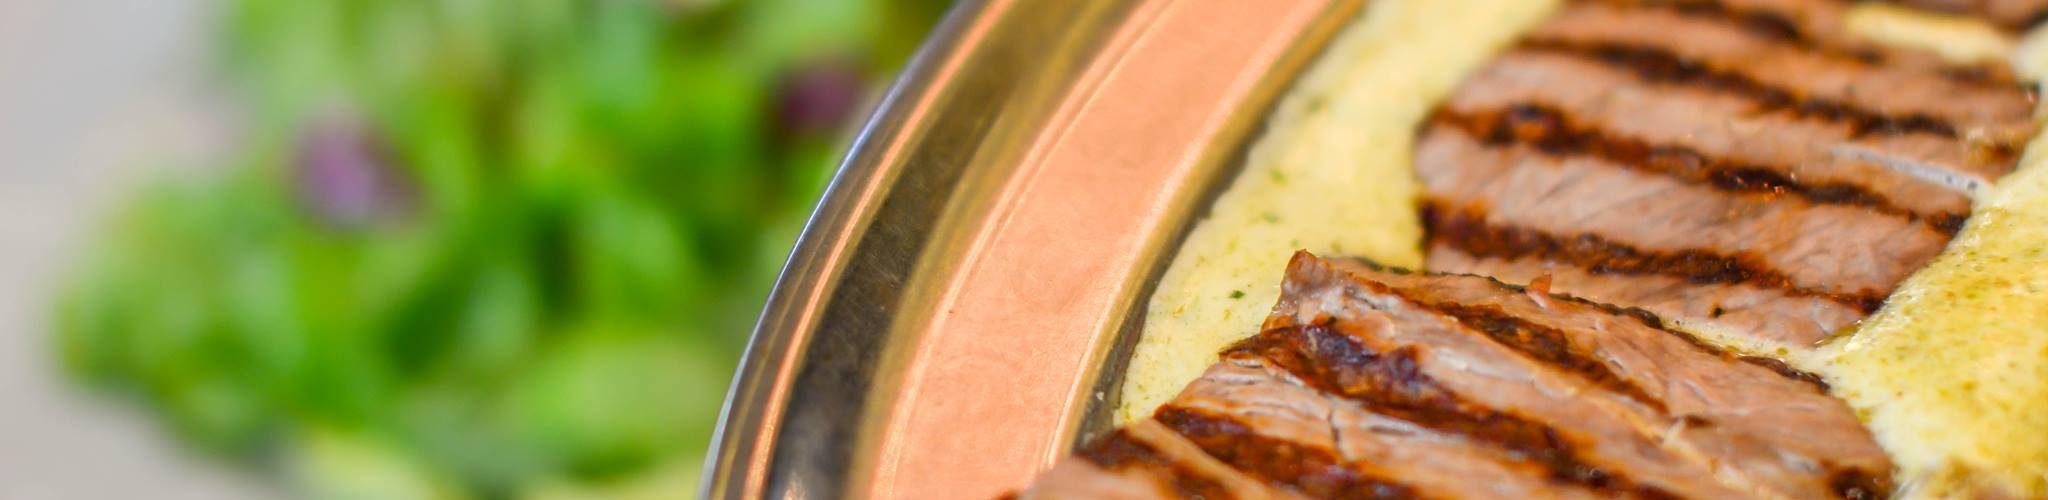 مطعم انتروكوت كافية دو باريس أبوظبي